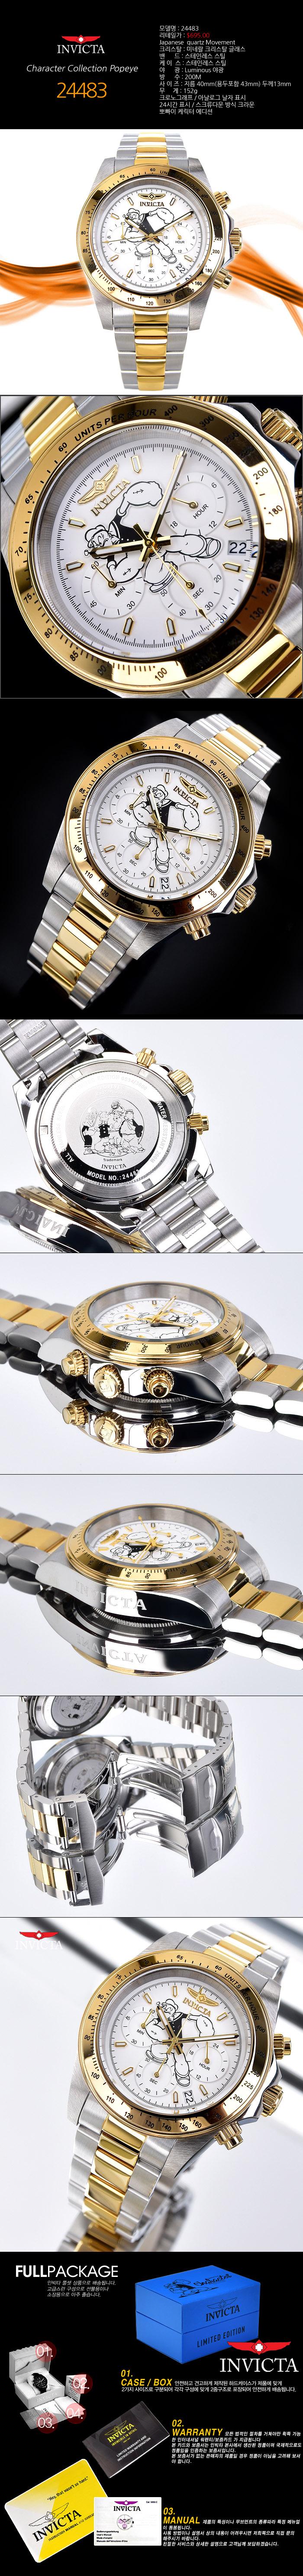 인빅타 24483 크로노그래프 남녀공용 야광인덱스 시계